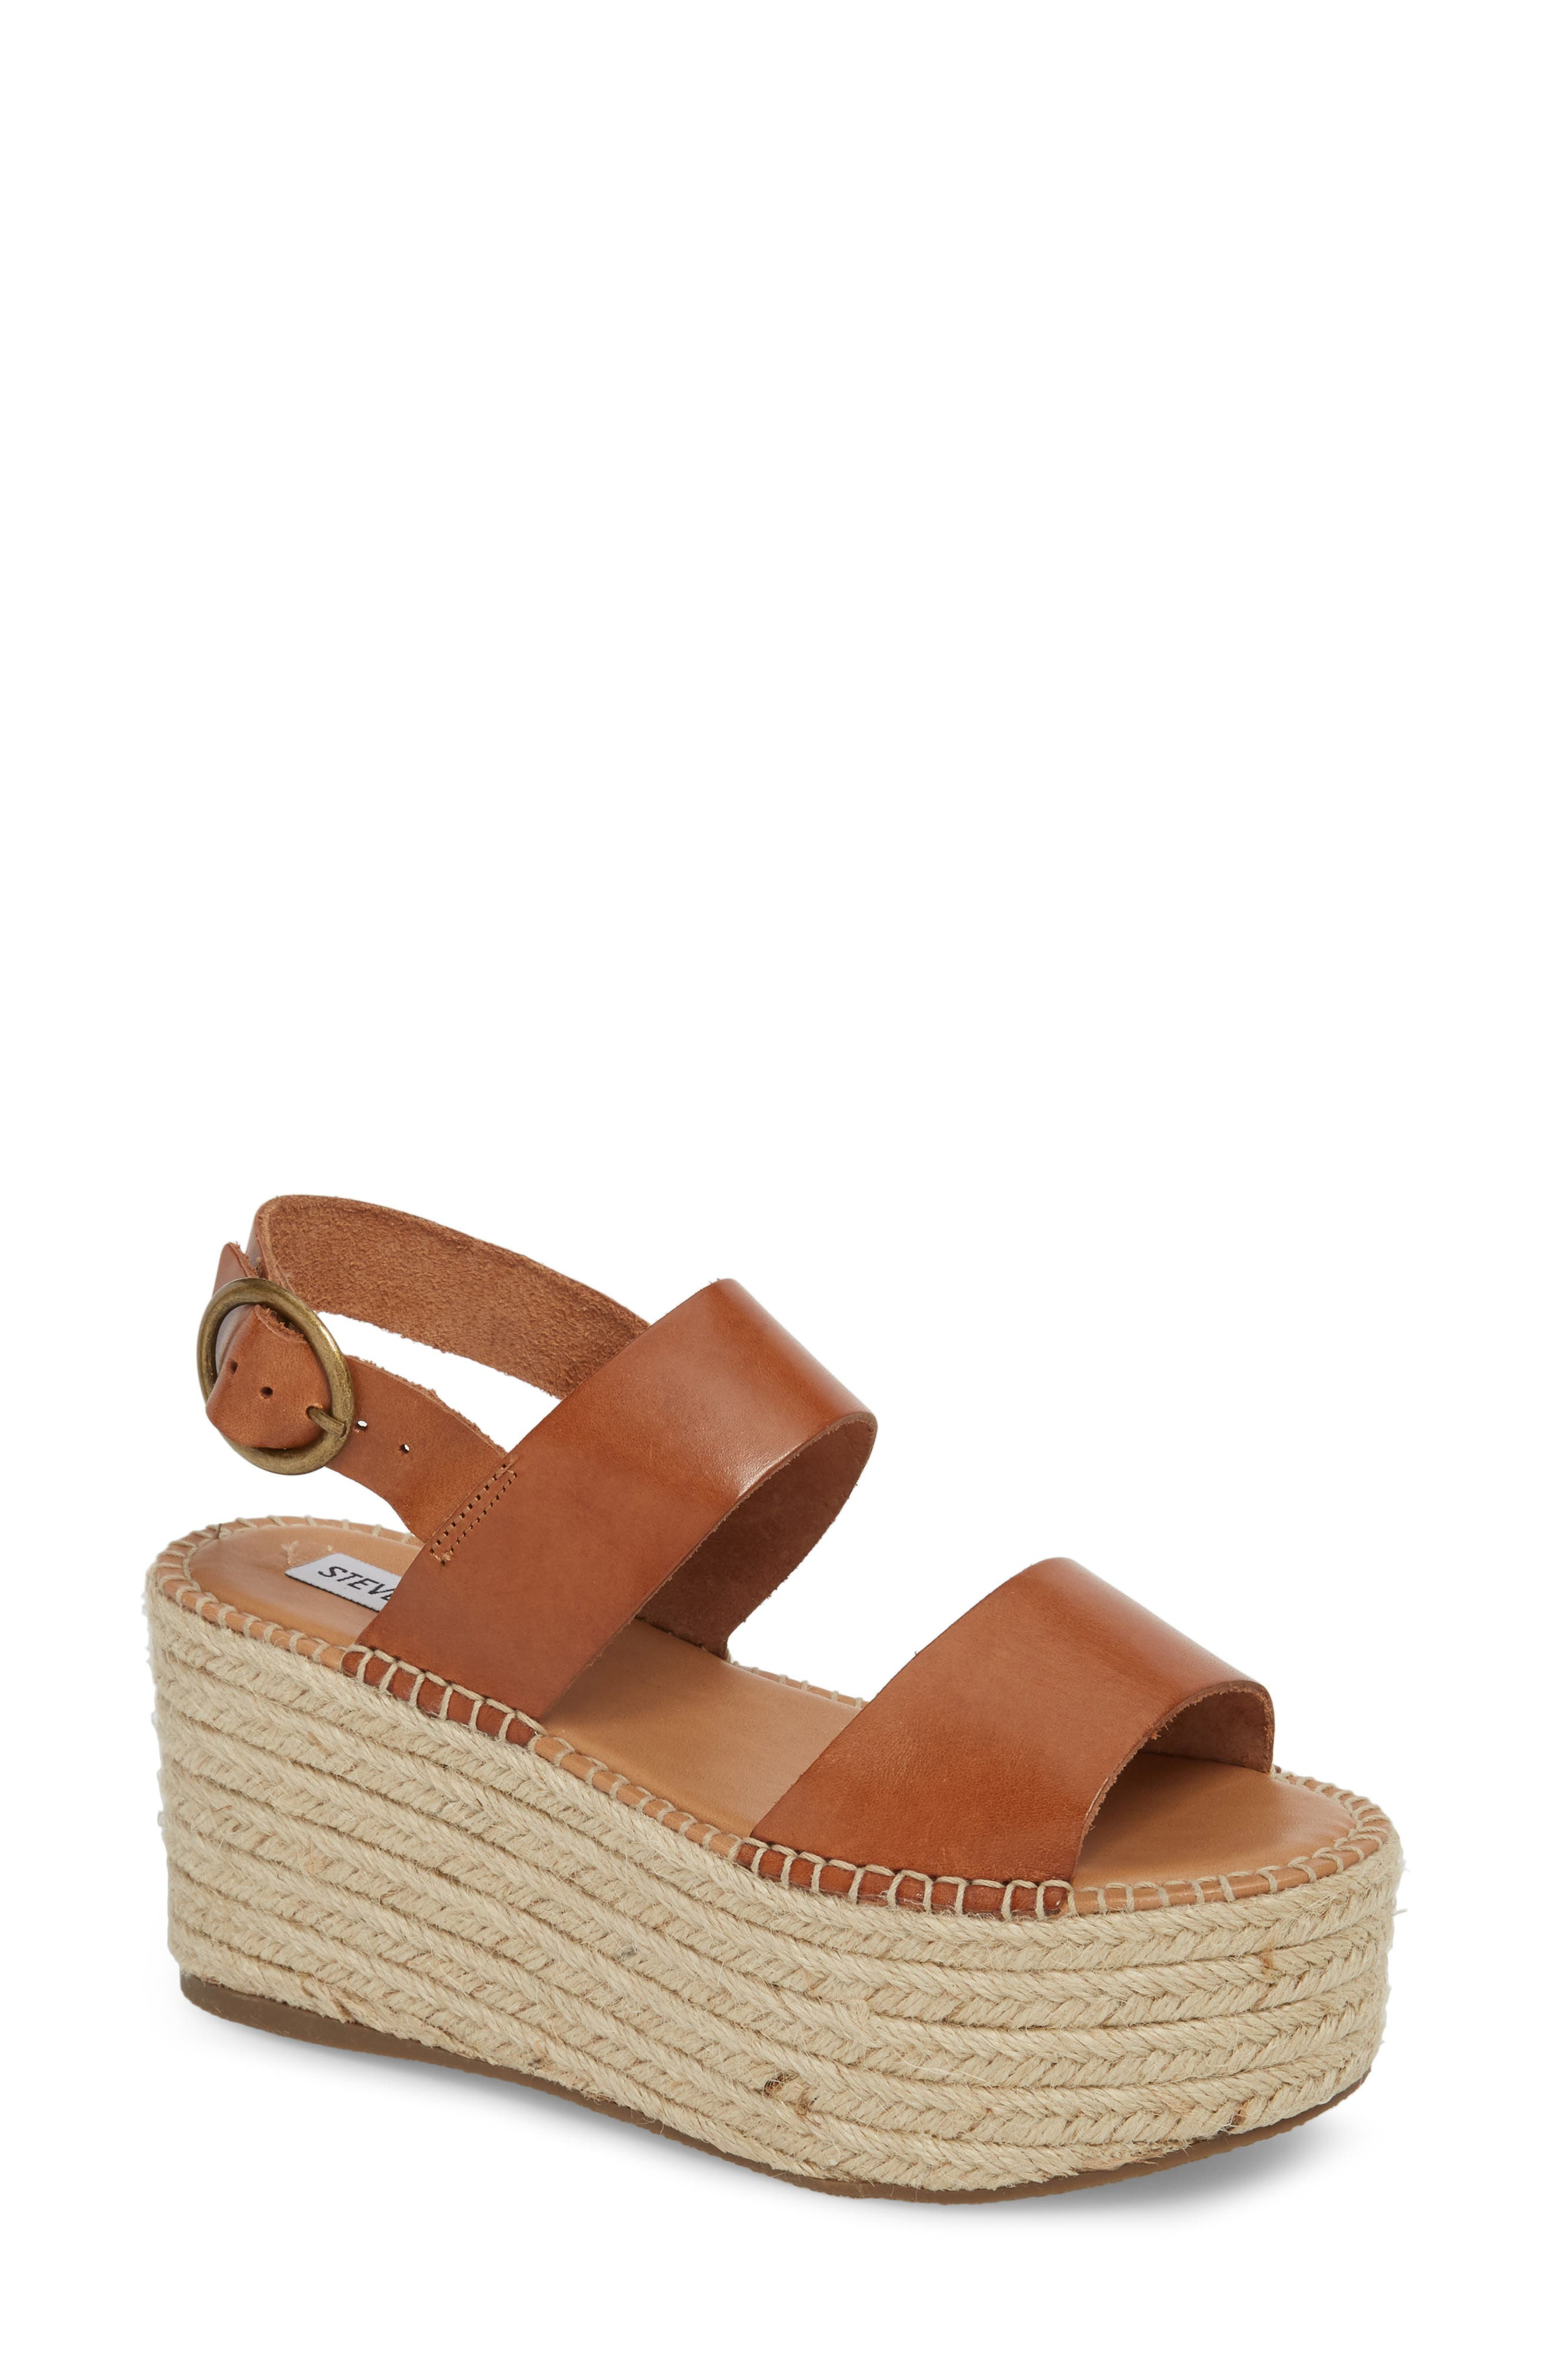 Cali Espadrille Platform Sandal,                         Main,                         color, Cognac Leather